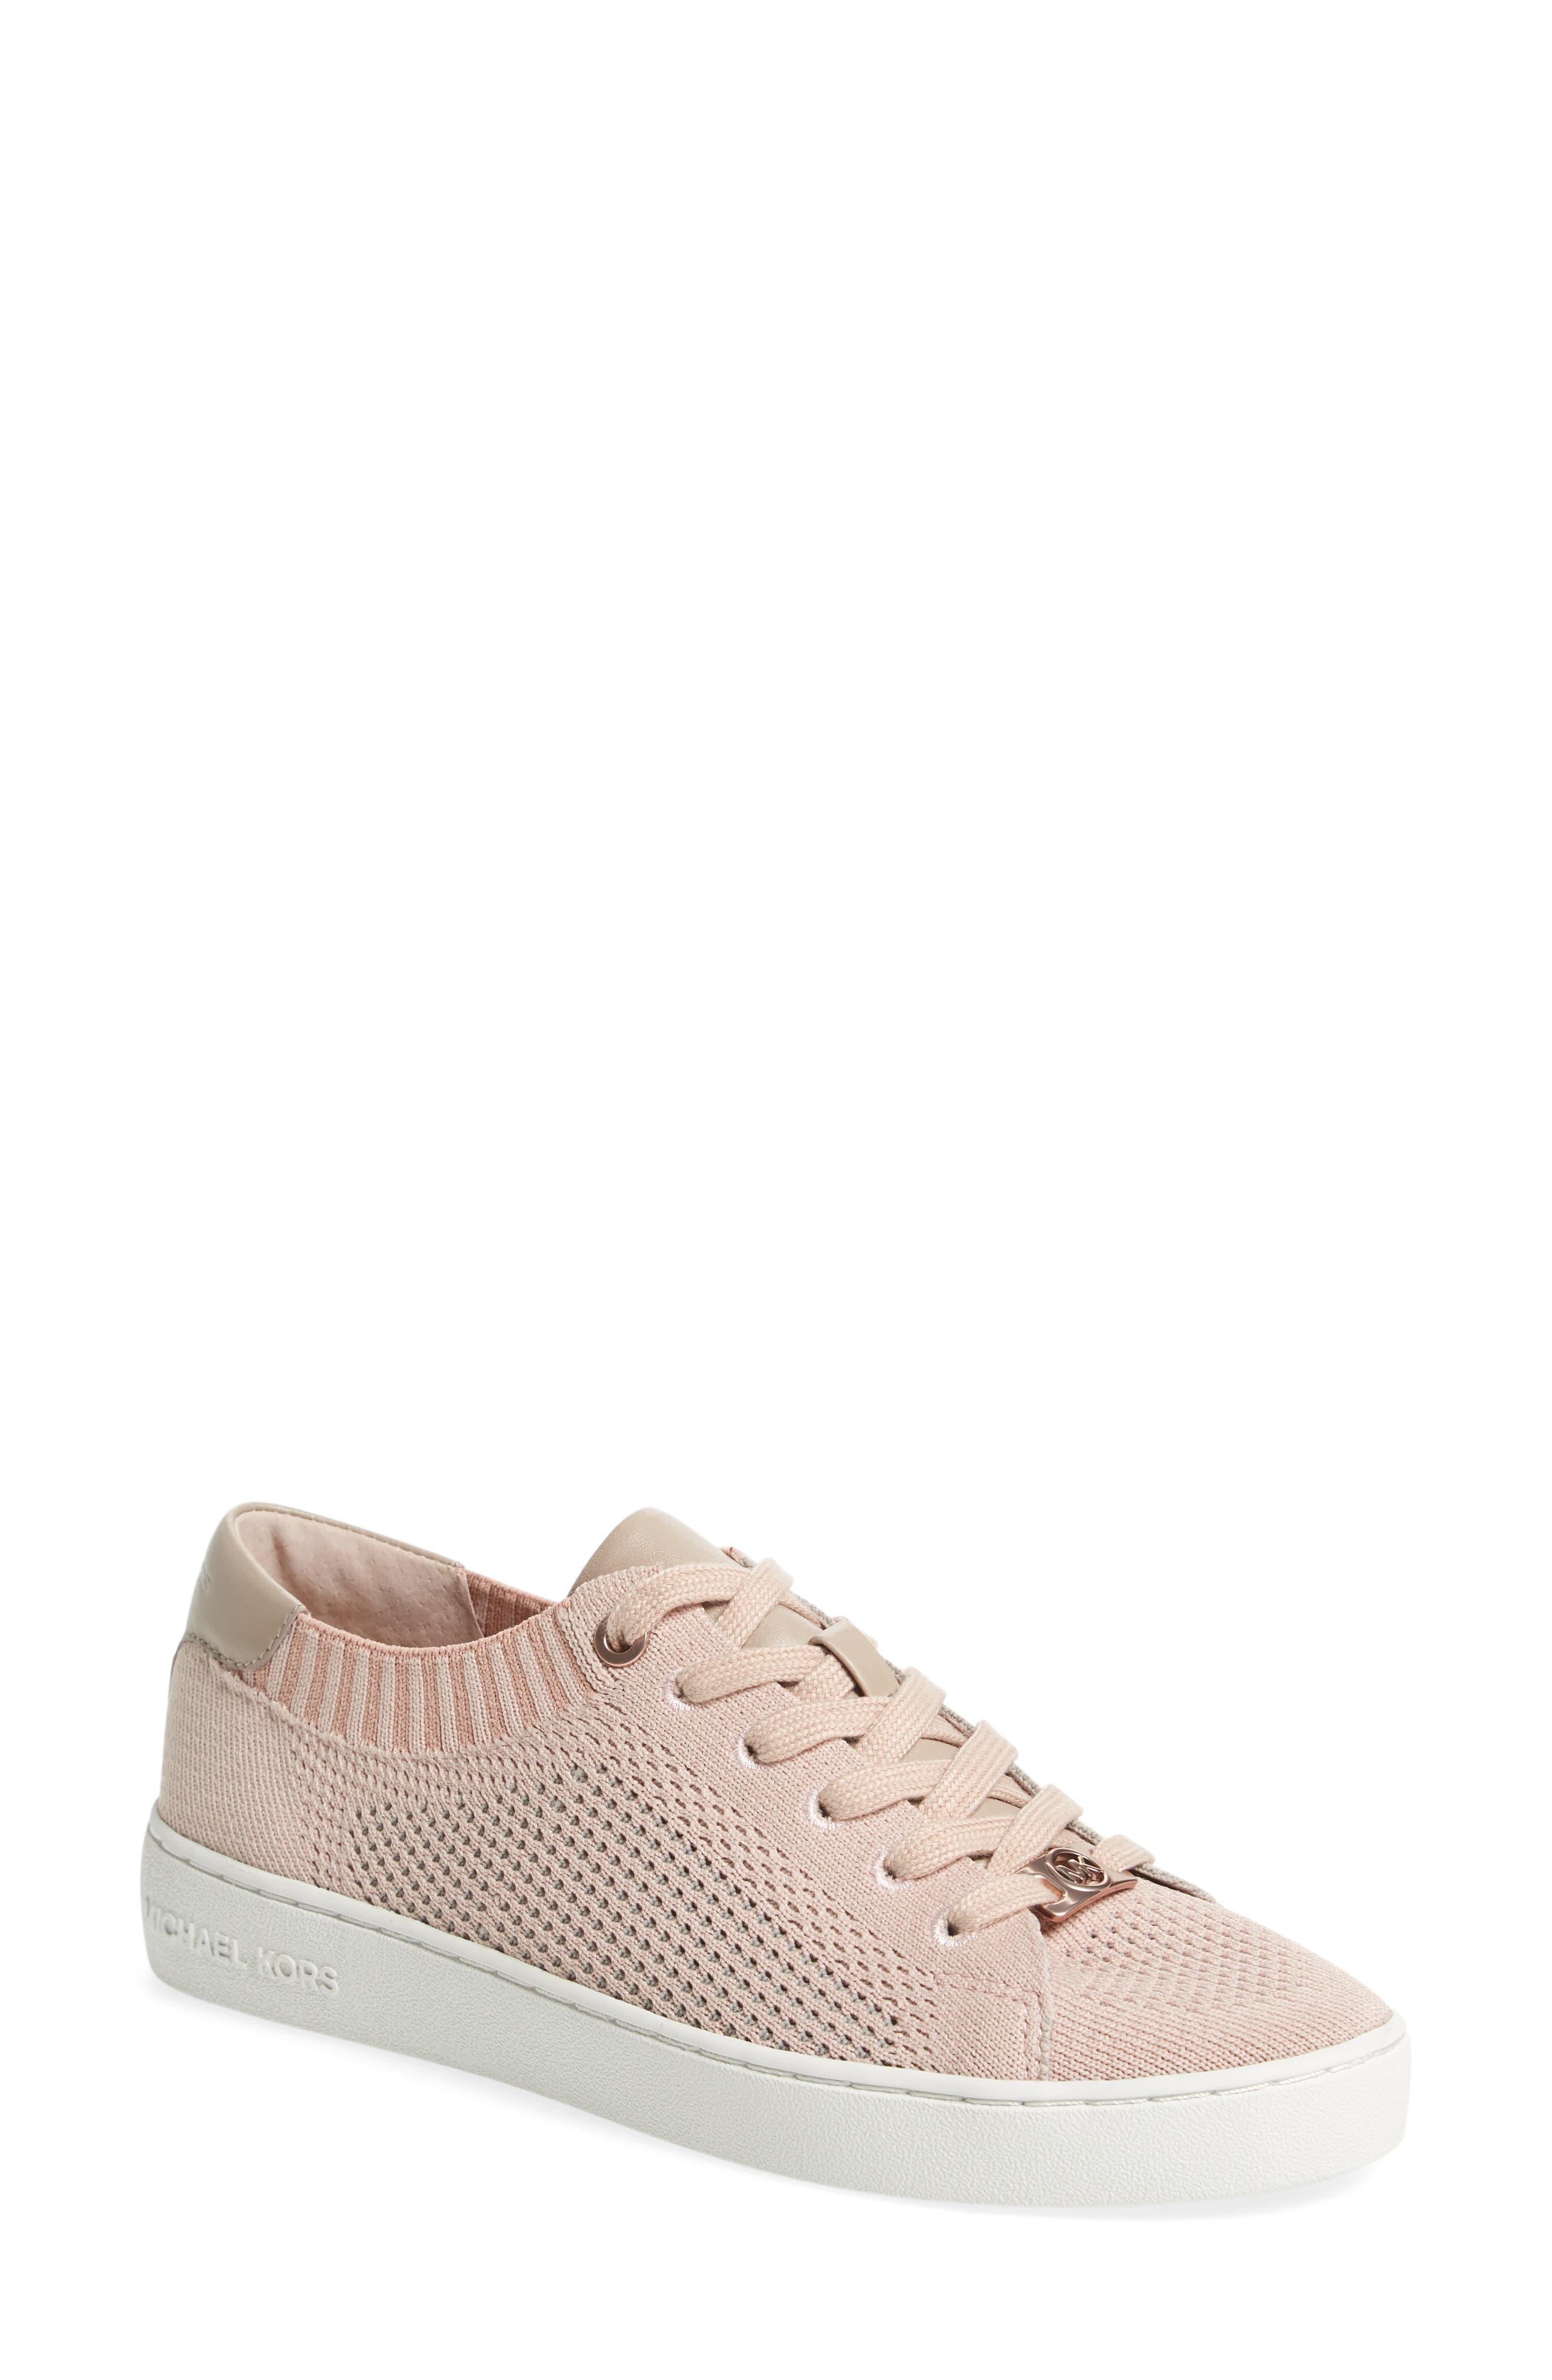 MICHAEL MICHAEL KORS Skyler Knit Sneaker